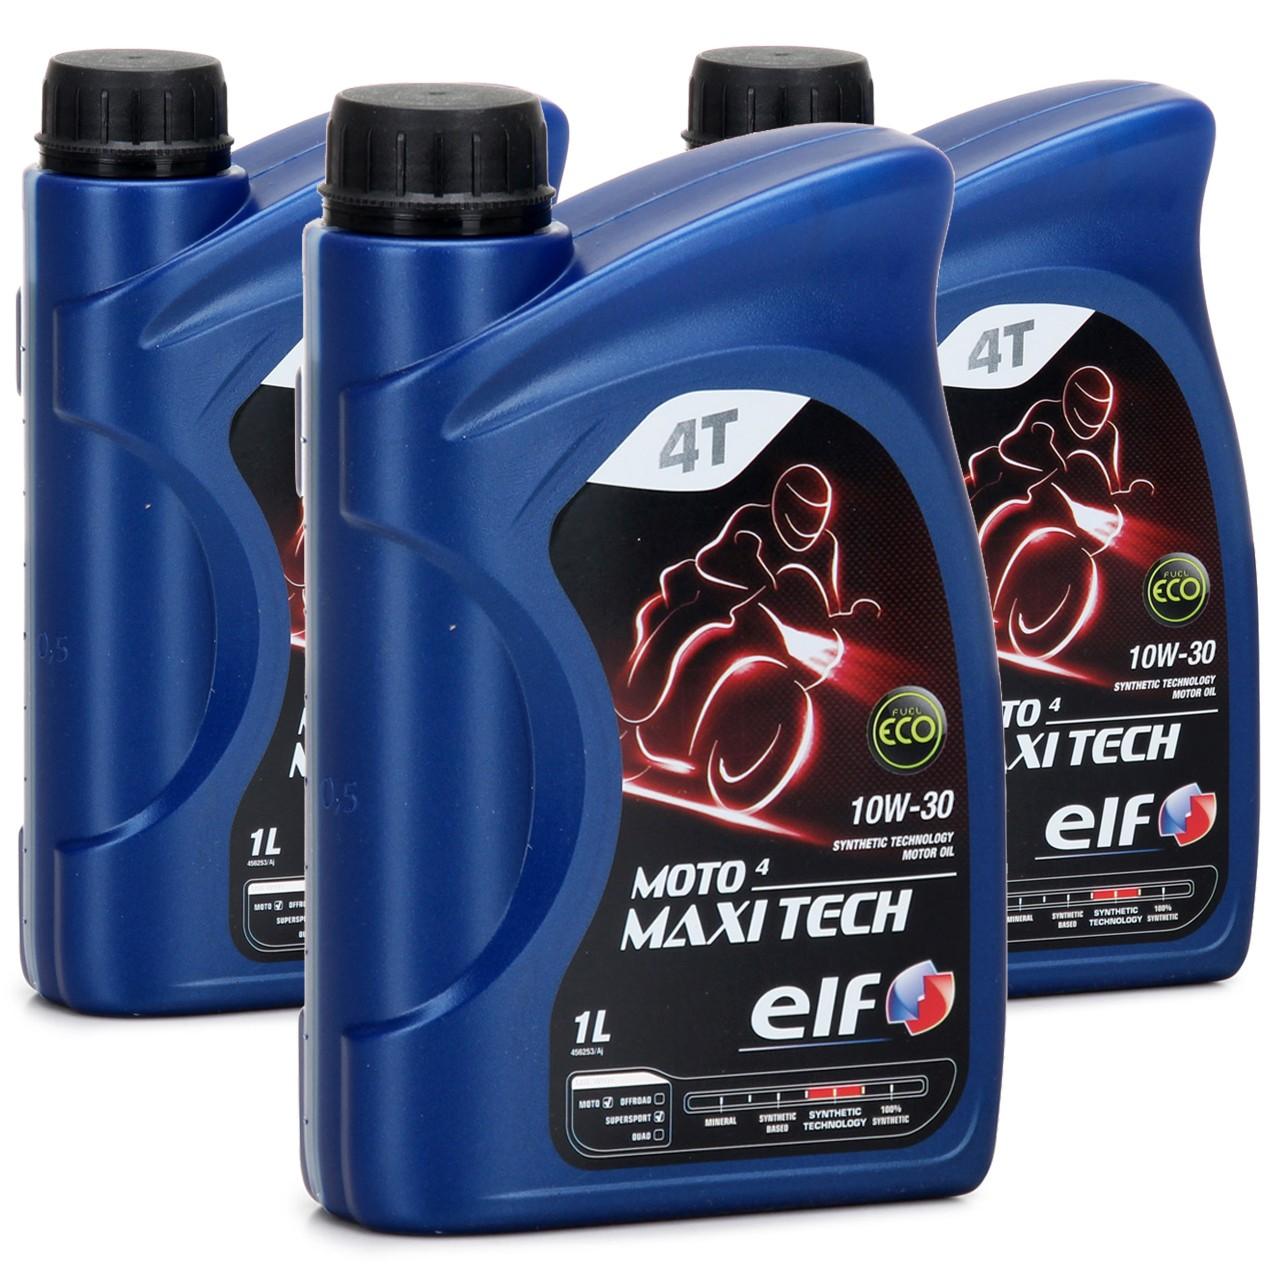 ELF Motoröl ÖL 4T 4-TAKT MOTO 4 MAXITECH 10W30 JASO MA API SJ - 3L 3 Liter